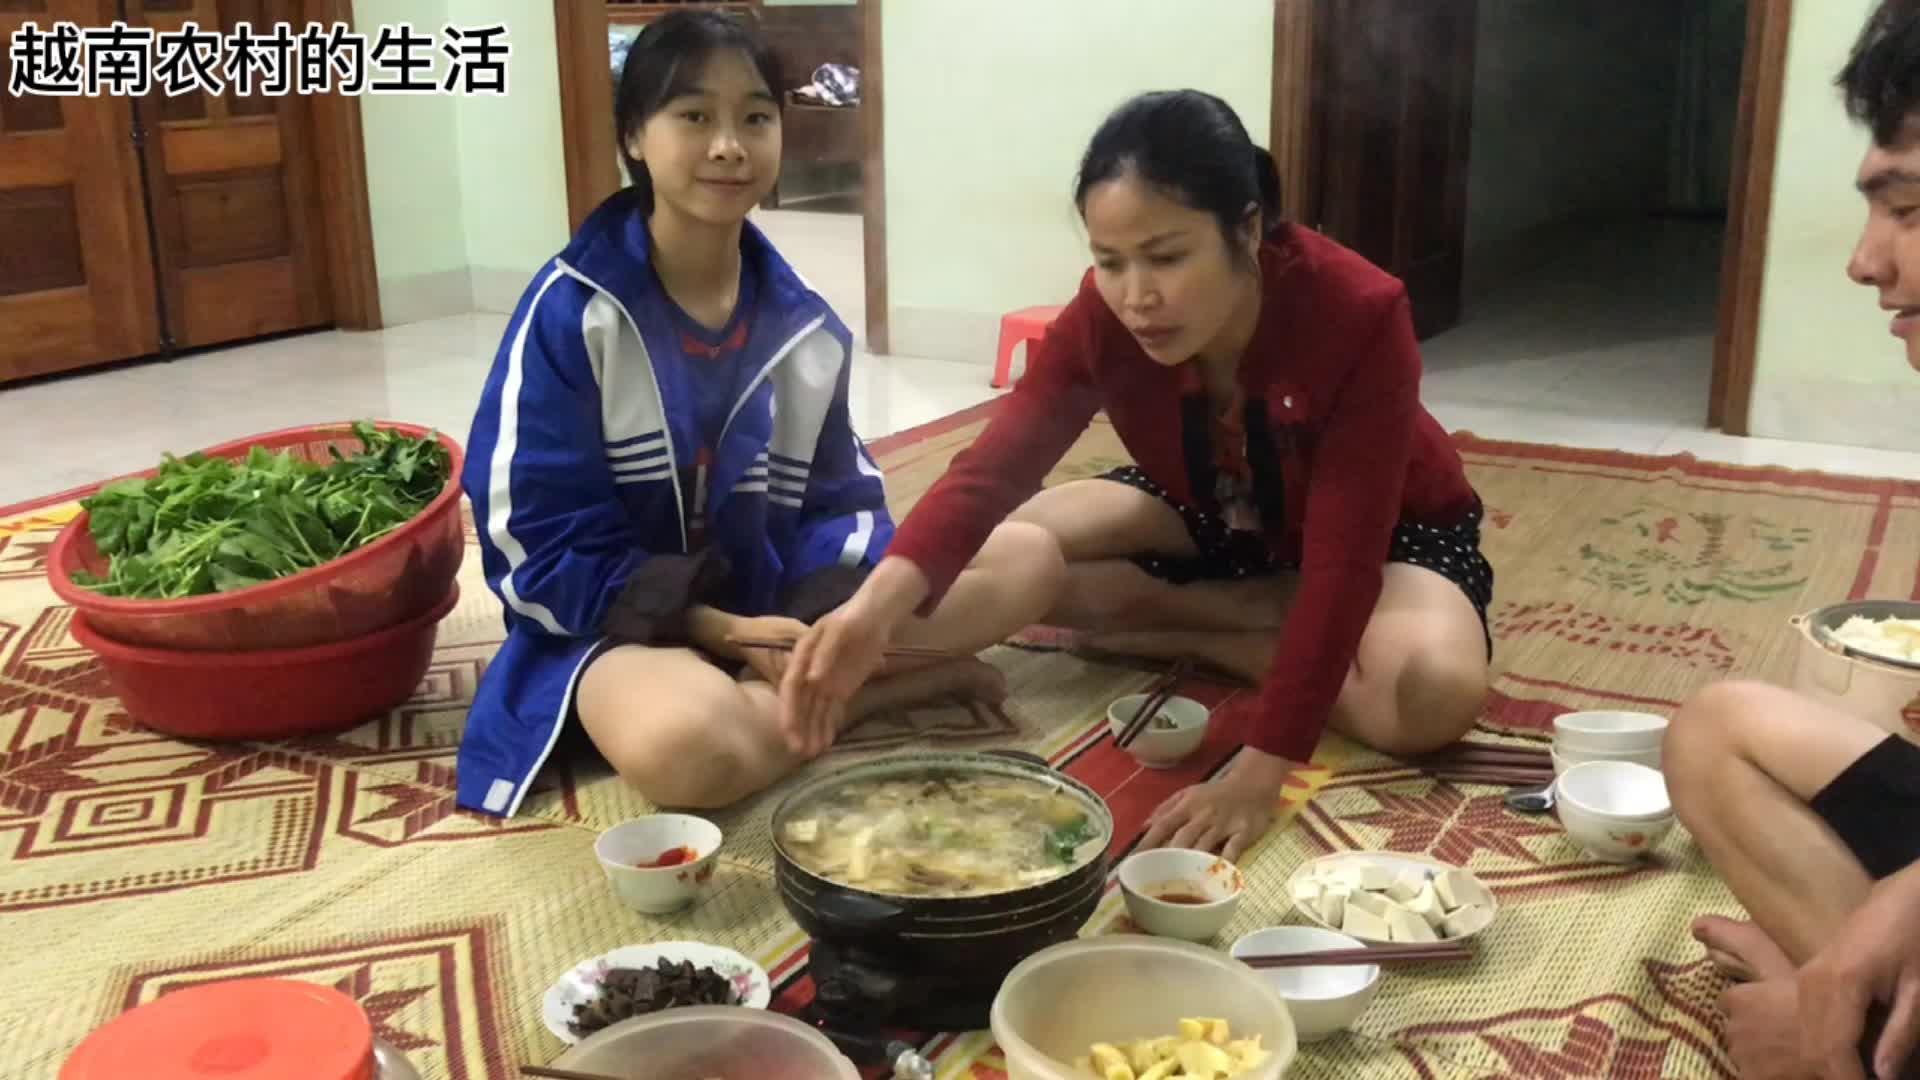 越南农村一家人围炉吃火锅,席地而坐,简单快活!